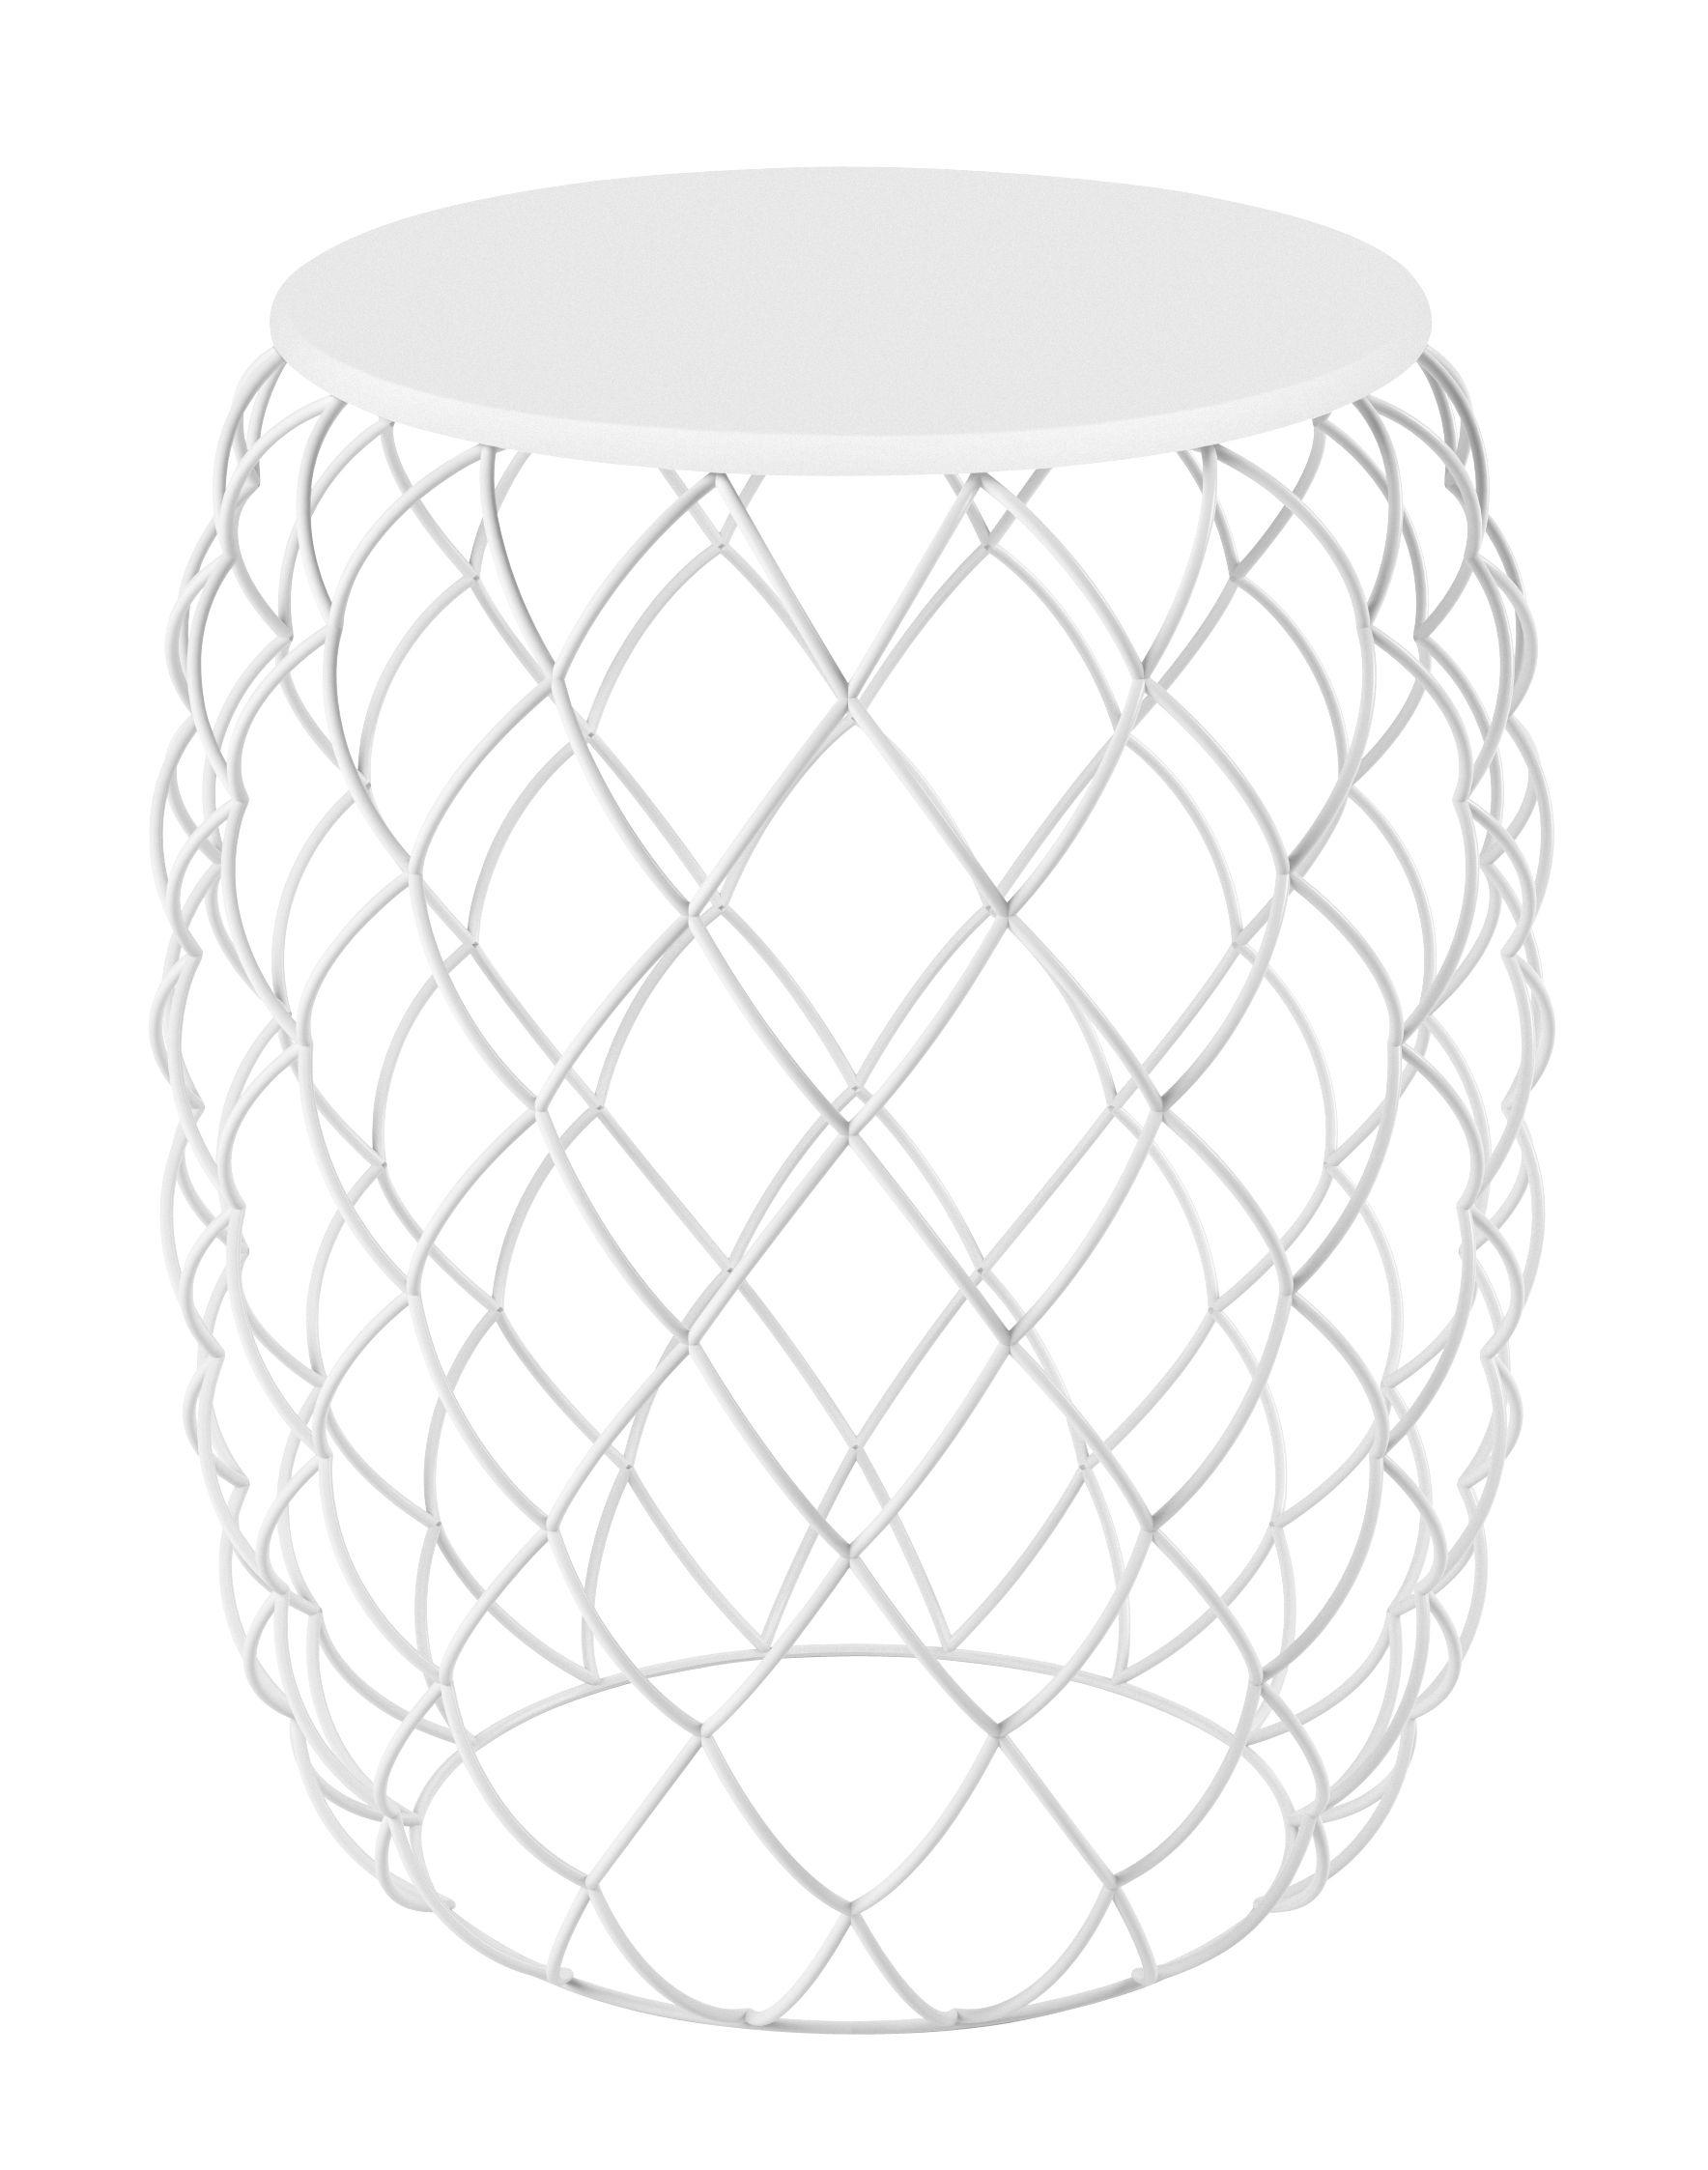 Mobilier - Tables basses - Table d'appoint Pina / Ø 32 cm - Magis - Blanc - Acier verni, HPL